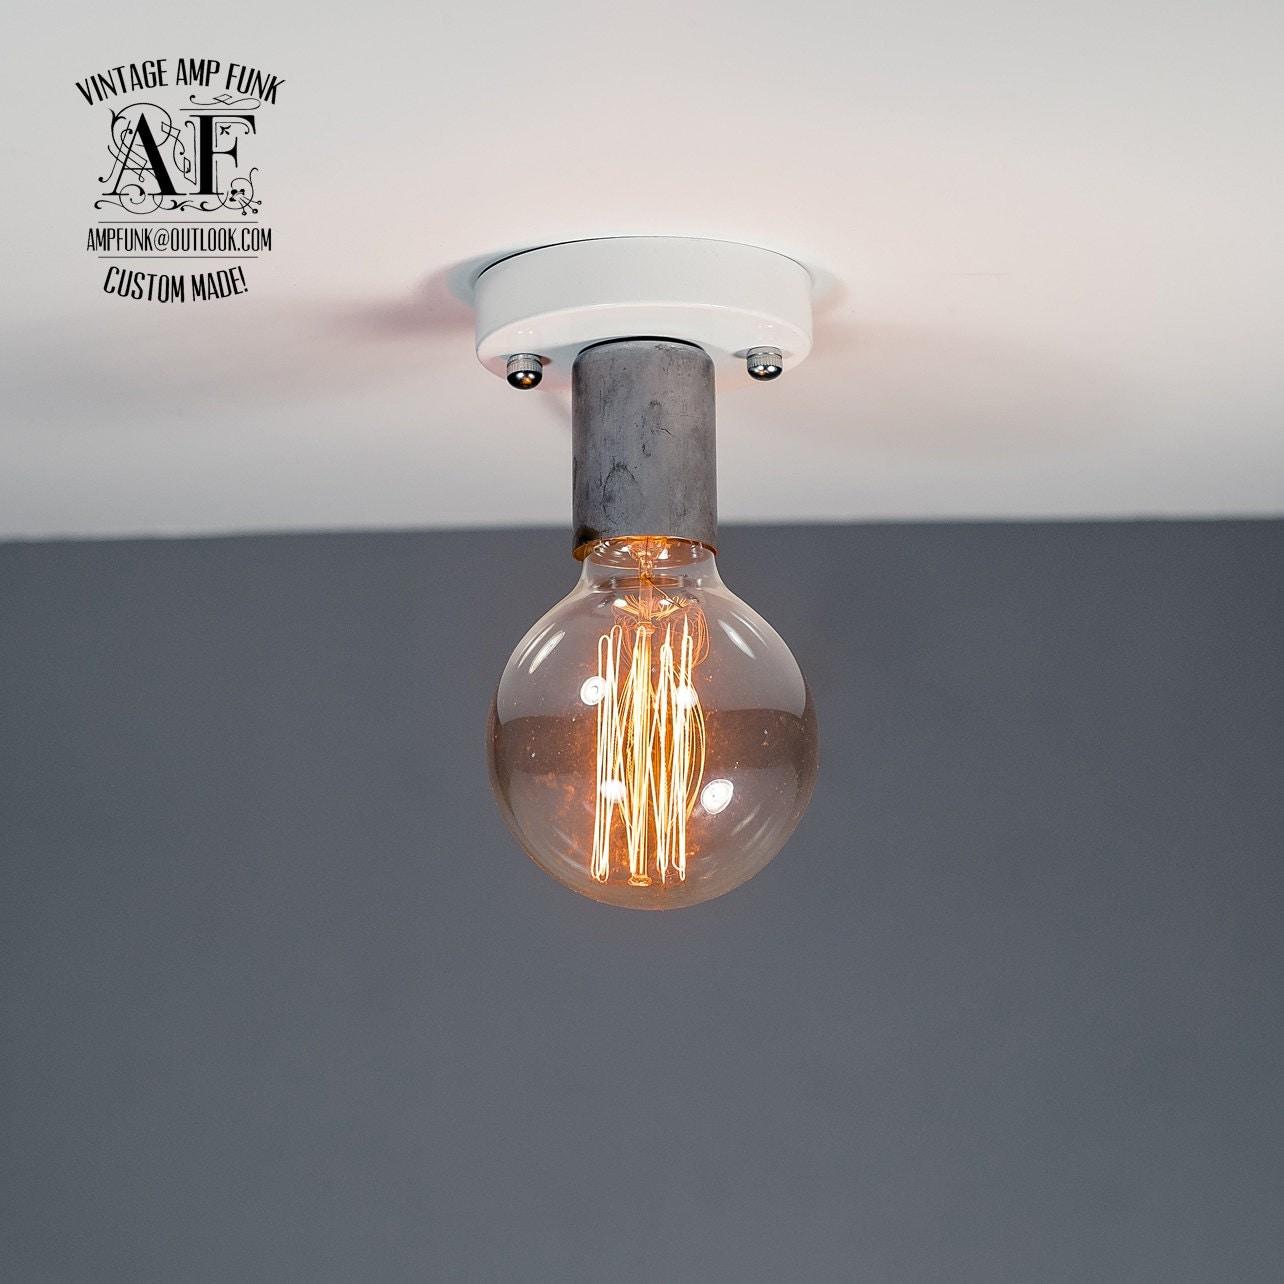 Ceiling light socket bunnings : Steel nickel socket ceiling light industrial aluminium